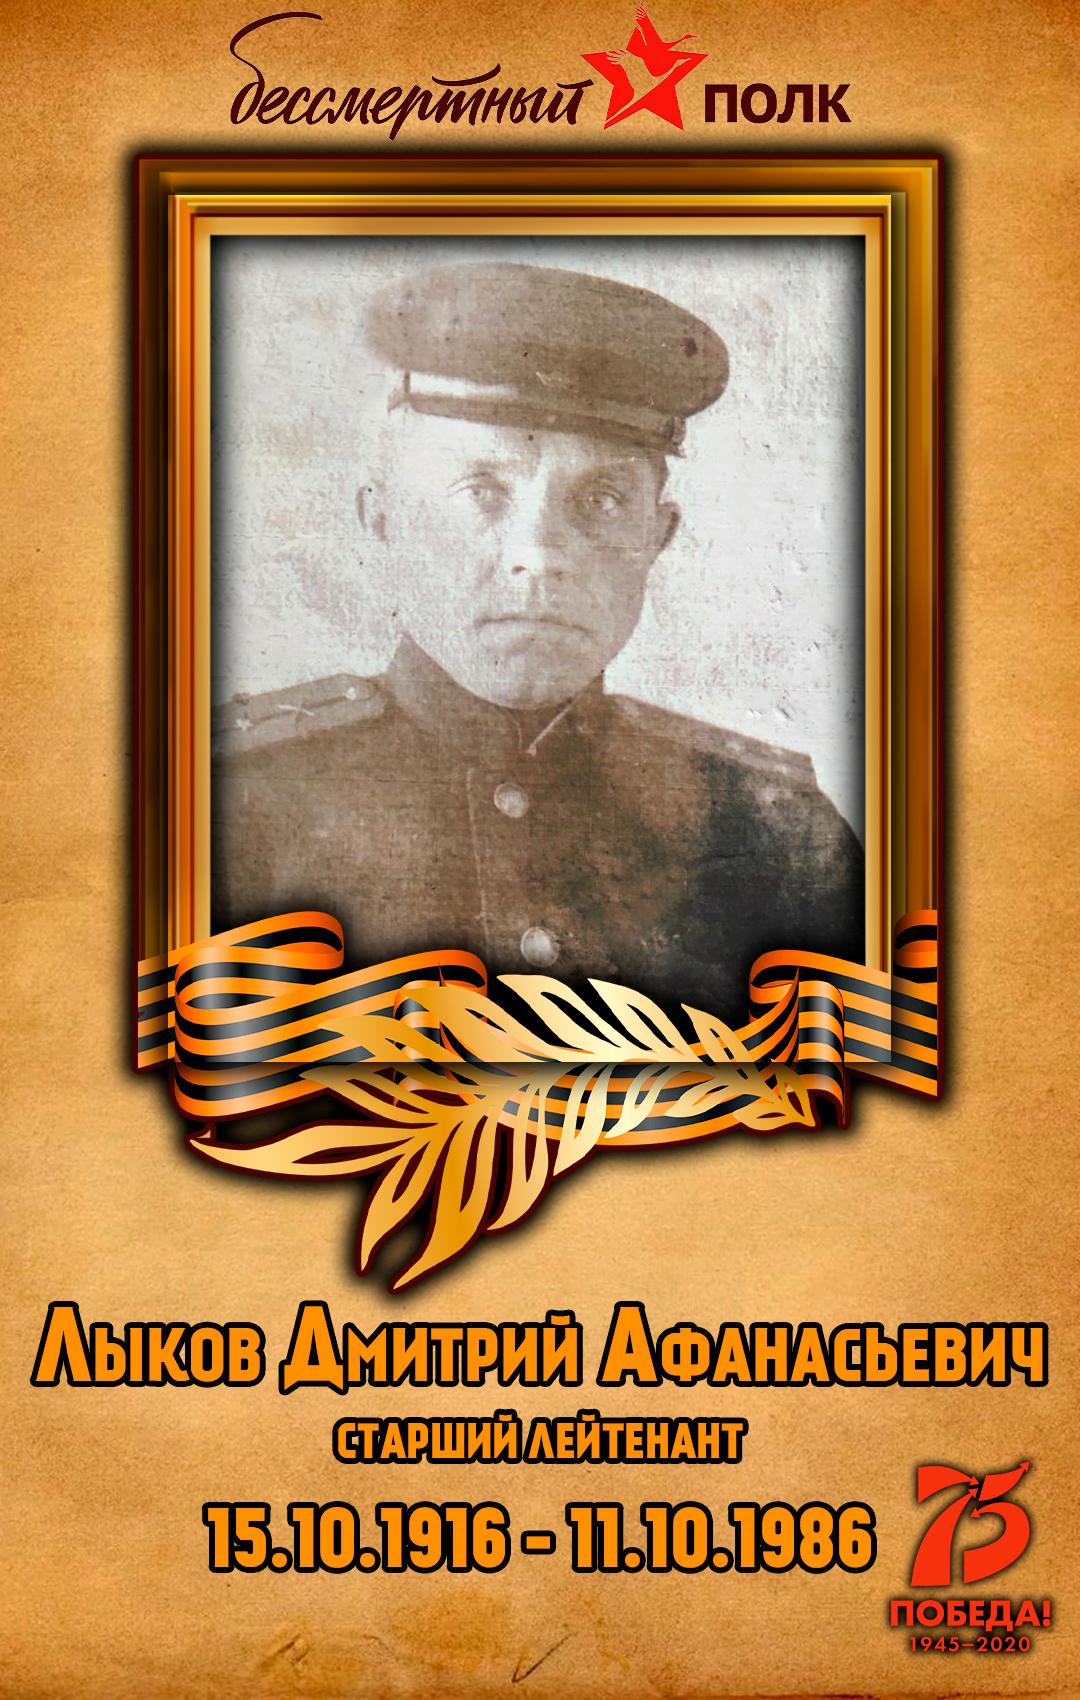 Лыков-Дмитрий-Афанасьевич